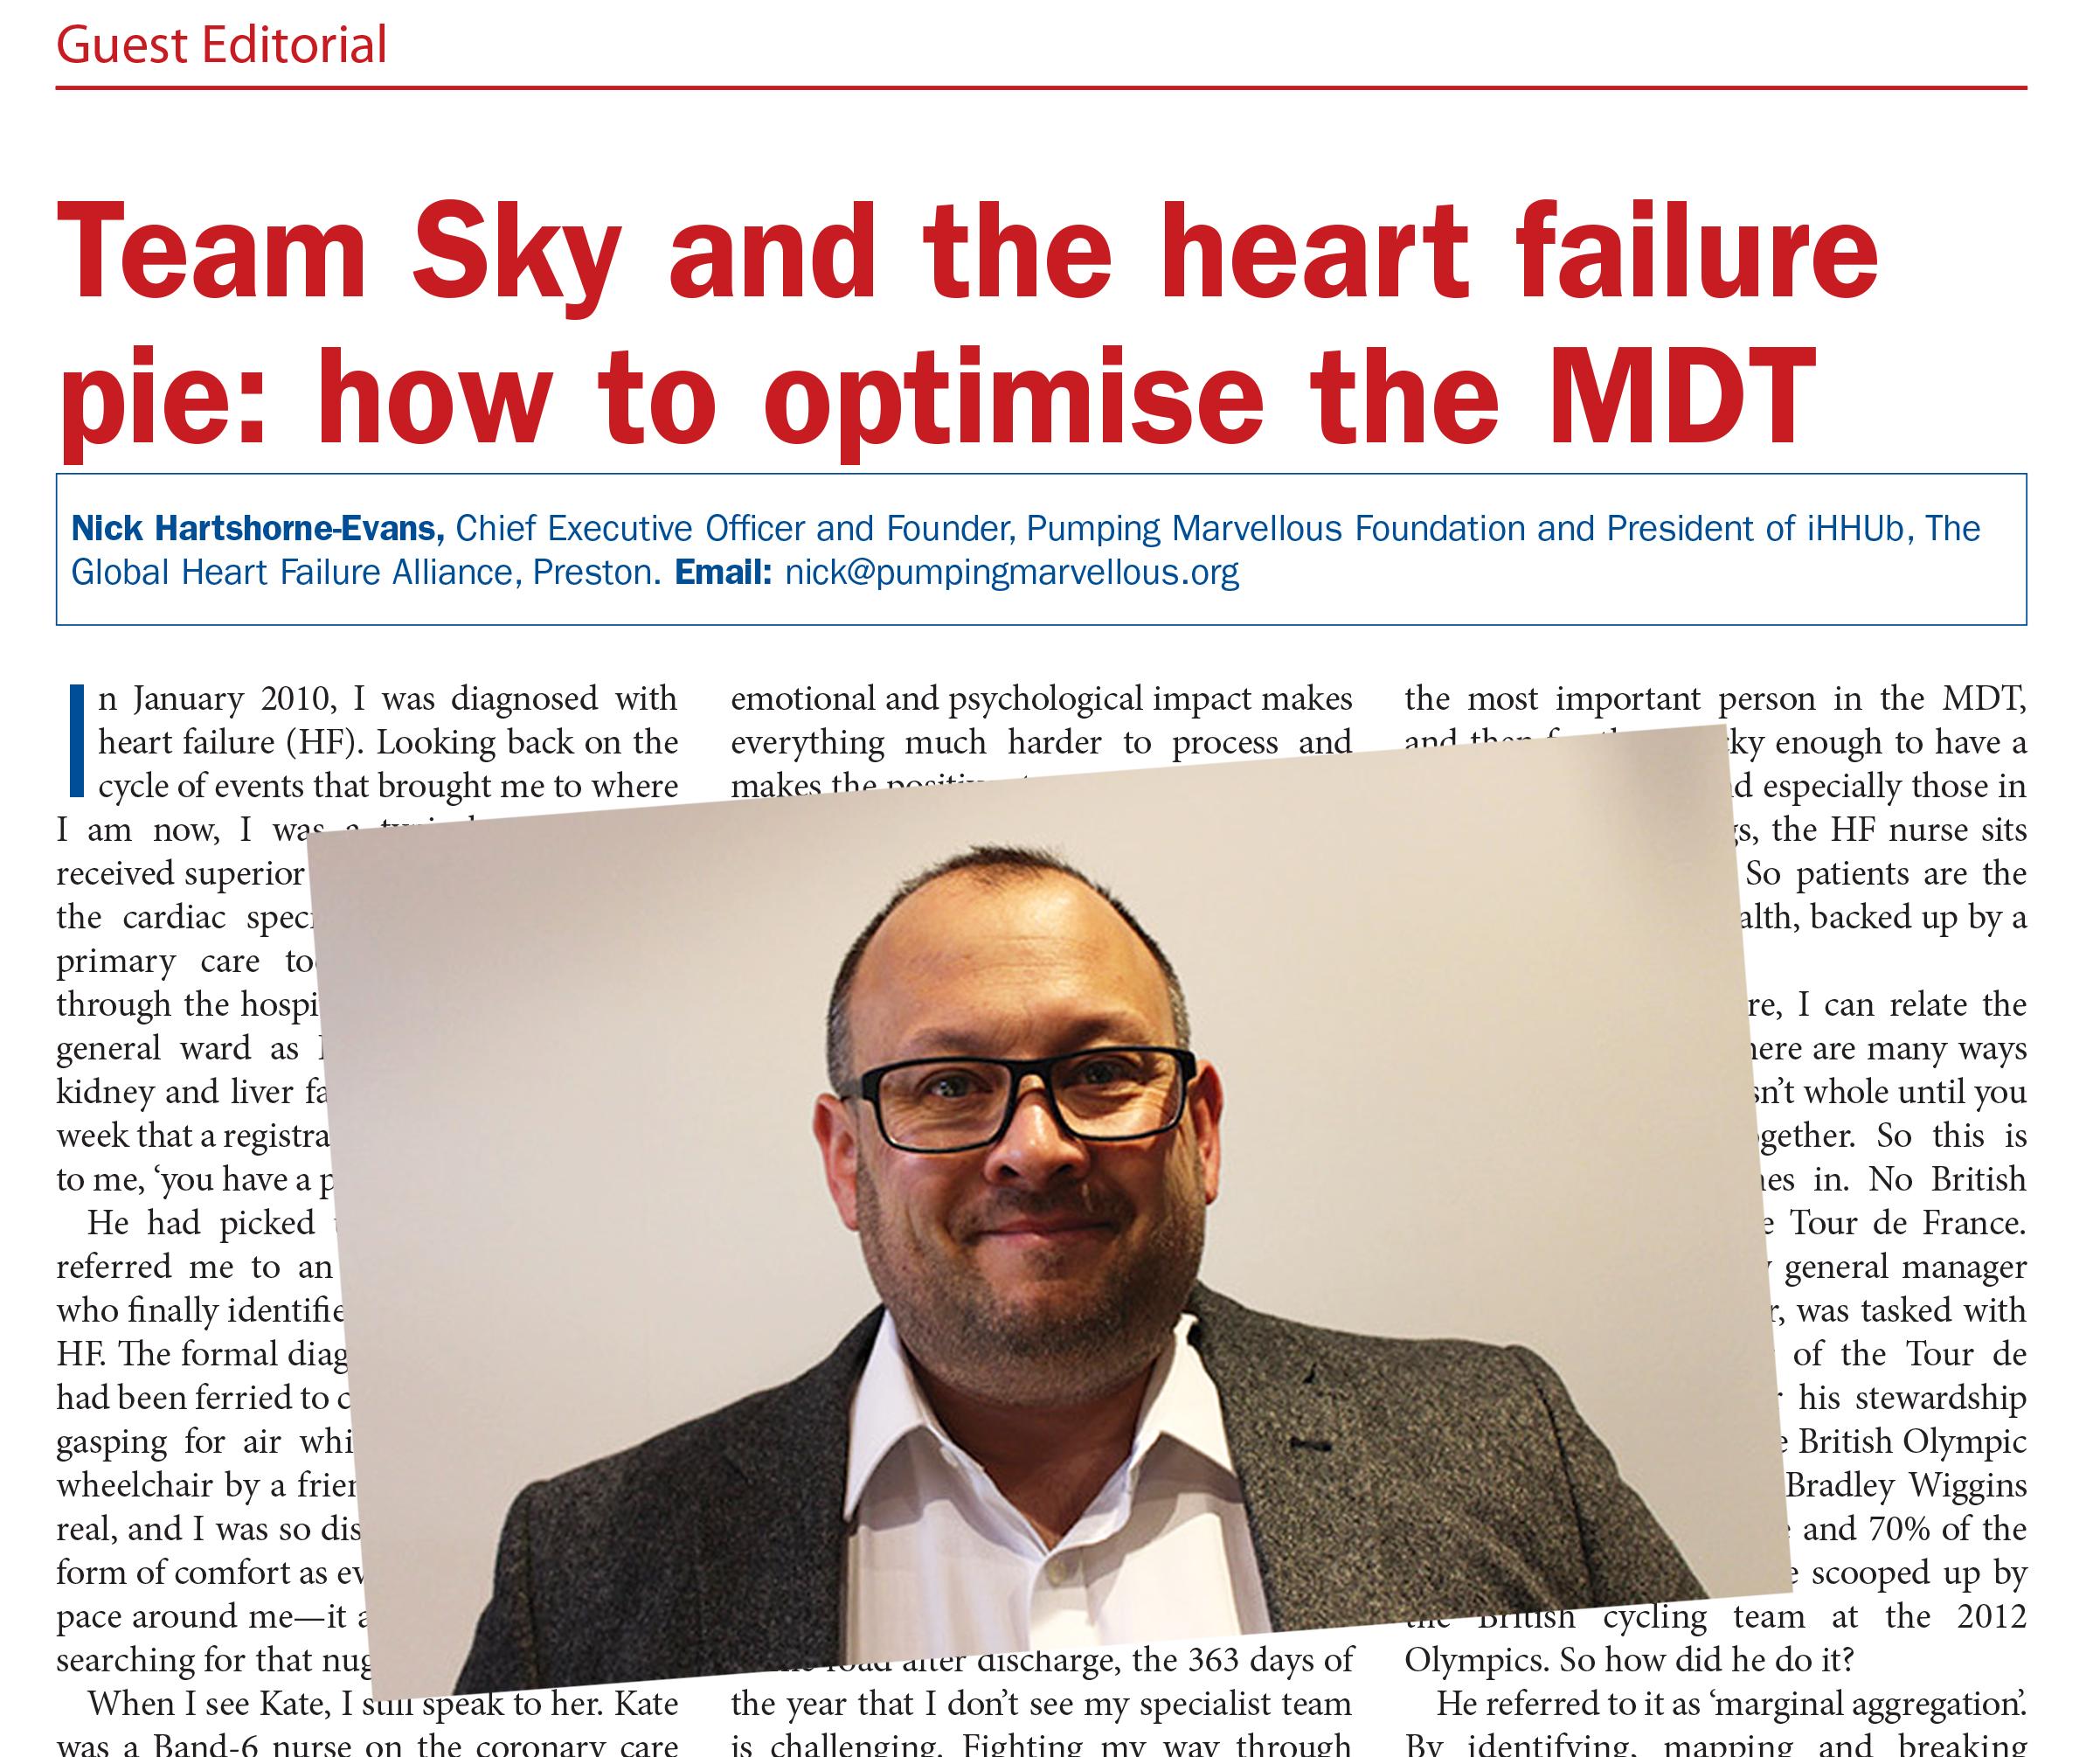 Nick-Hartshorne-Evans heart failure pie British Journal Cardiac Nursing Guest Editorial